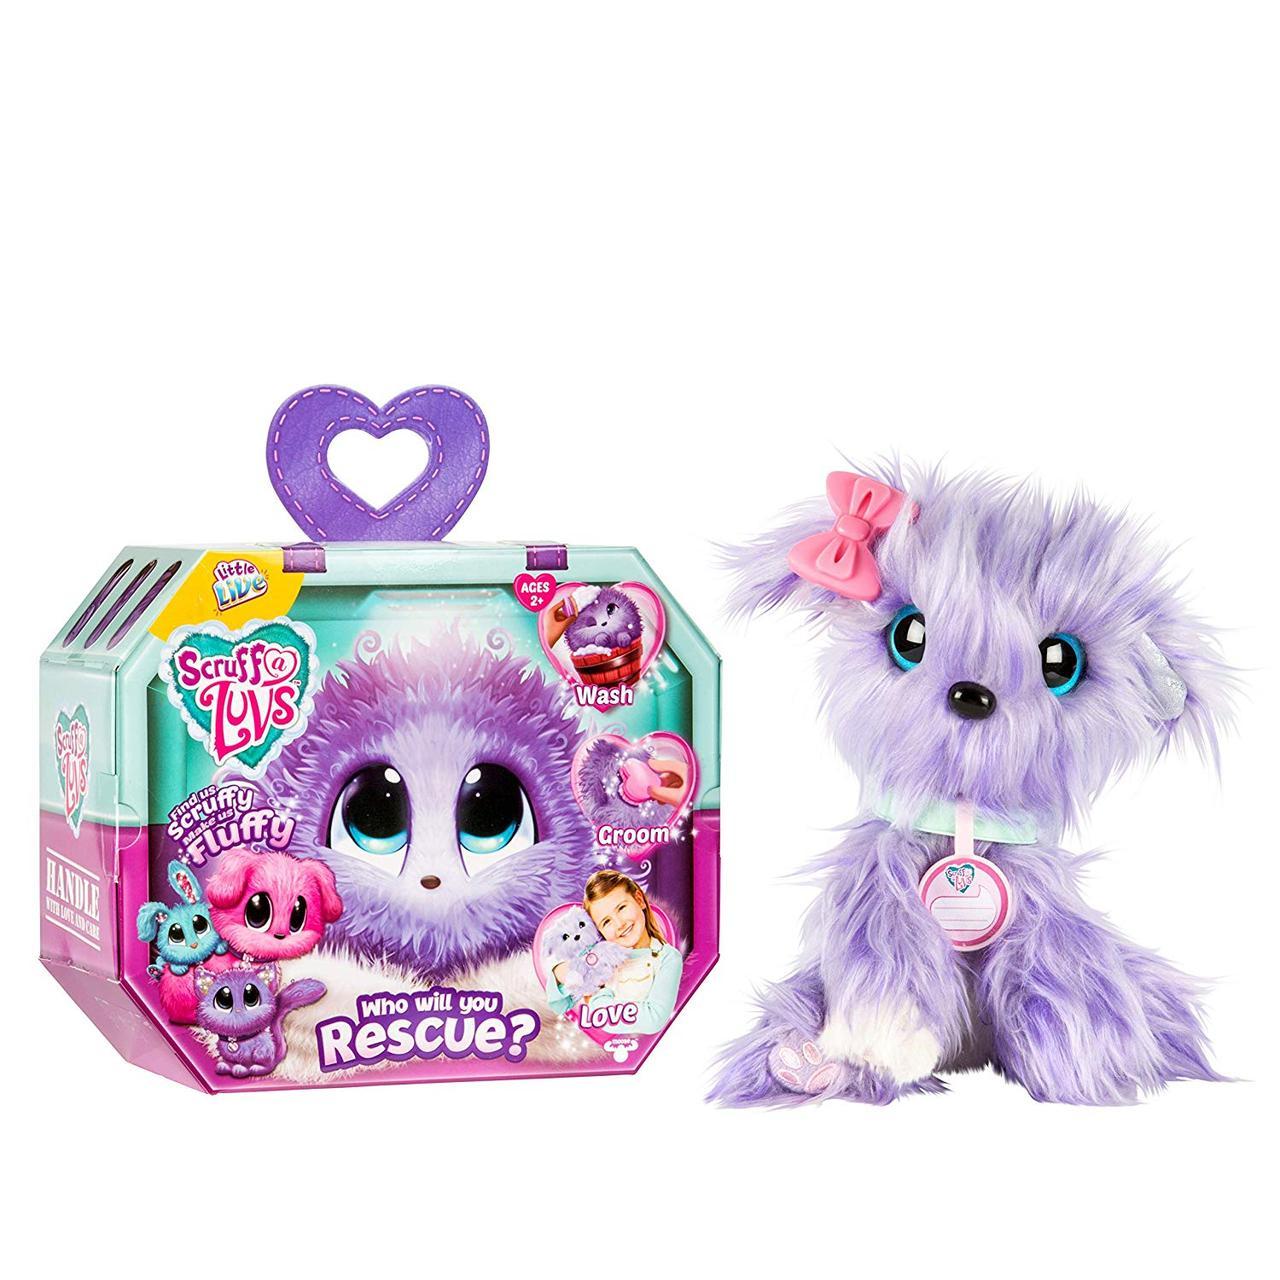 Little Live Няшка Потеряшка питомец сюрприз Фиолетовый Pet - Purple